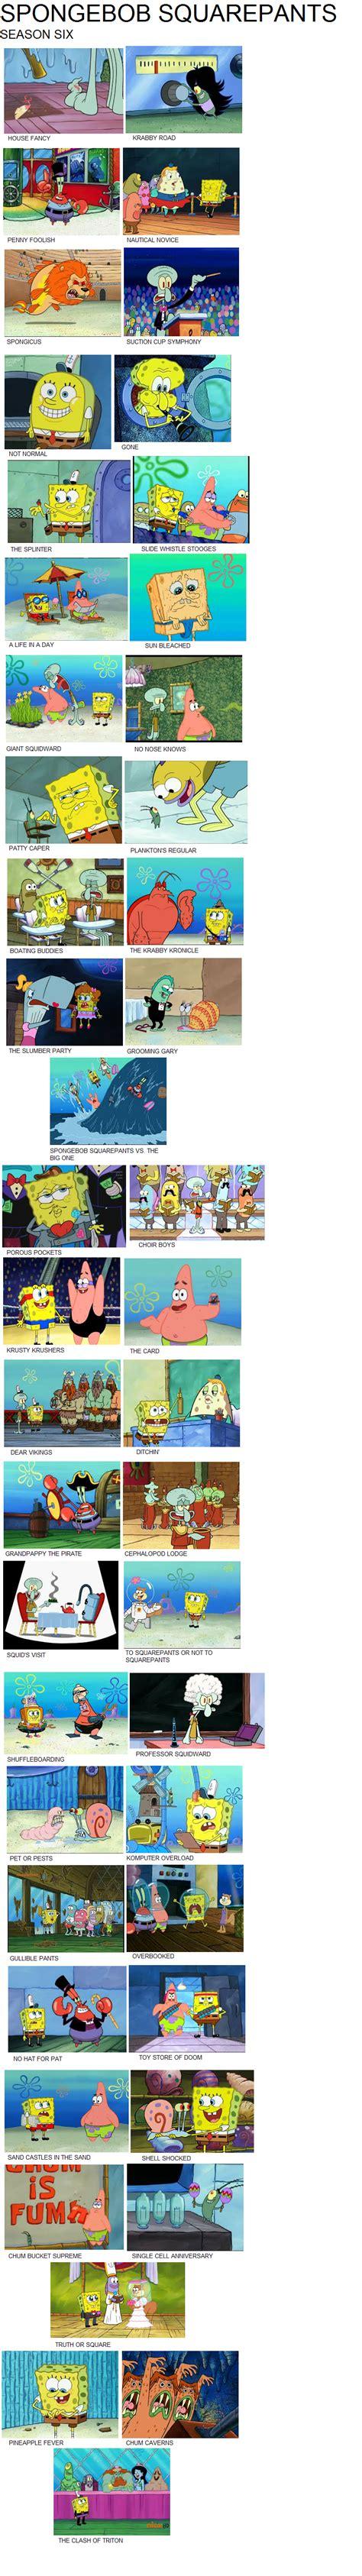 spongebob squarepants season   gojirafan